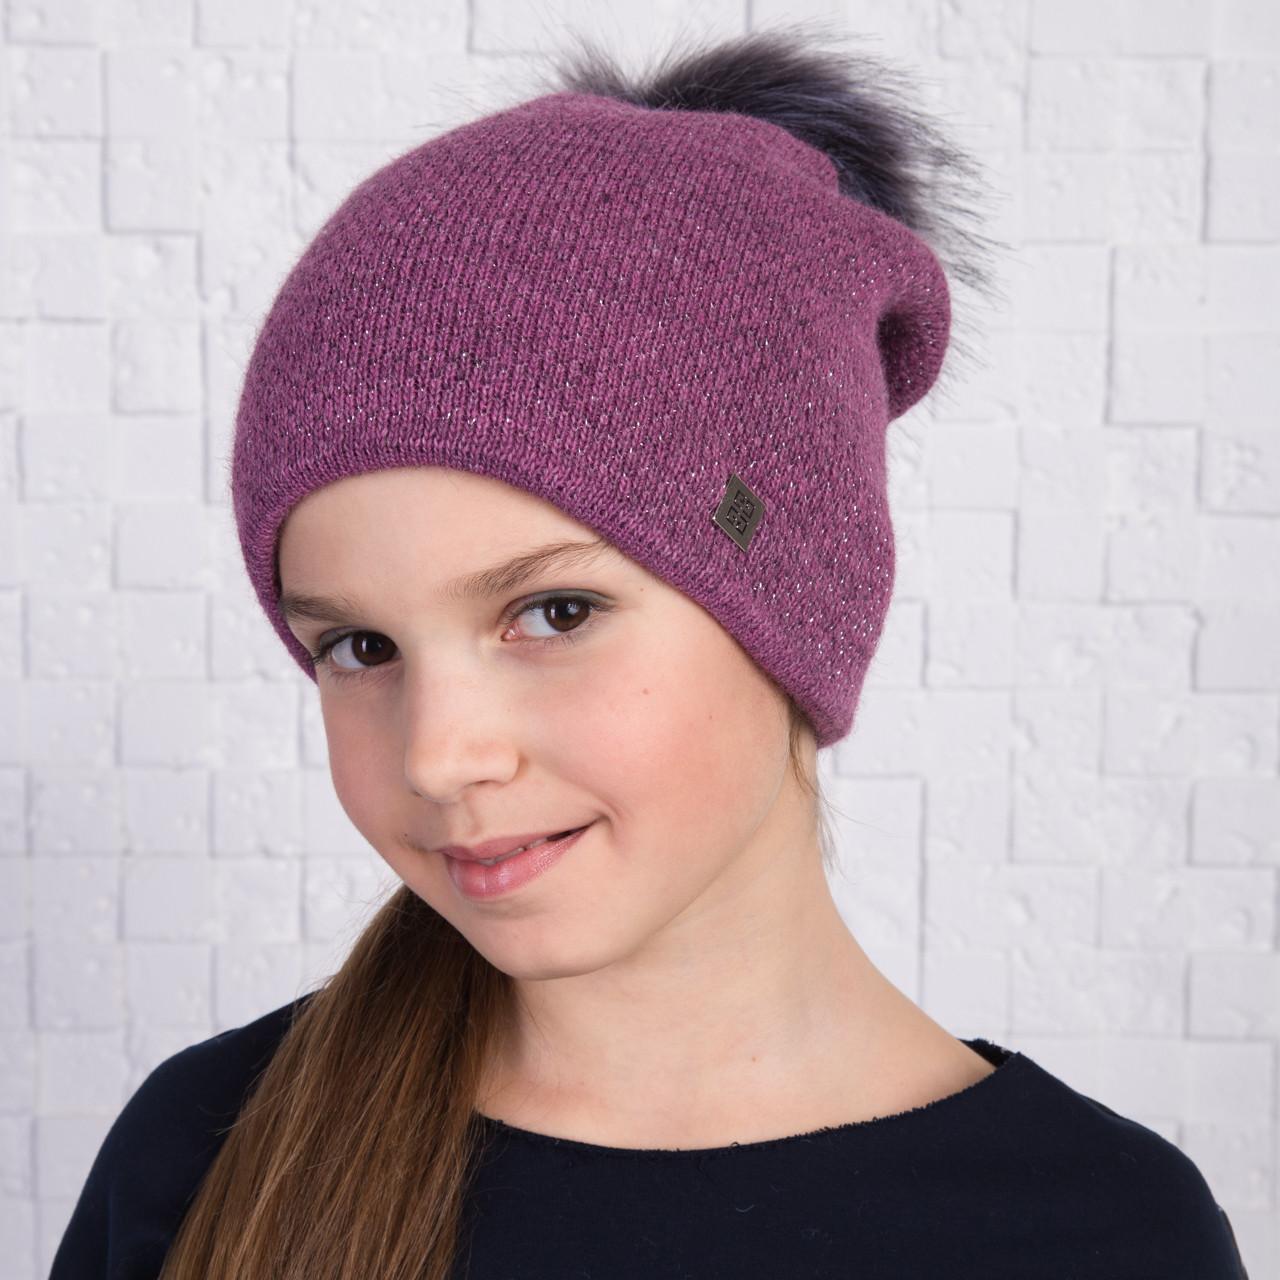 Вязанная шапка с меховым помпоном для девочек на зиму - Артикул 2166 (фиолет)